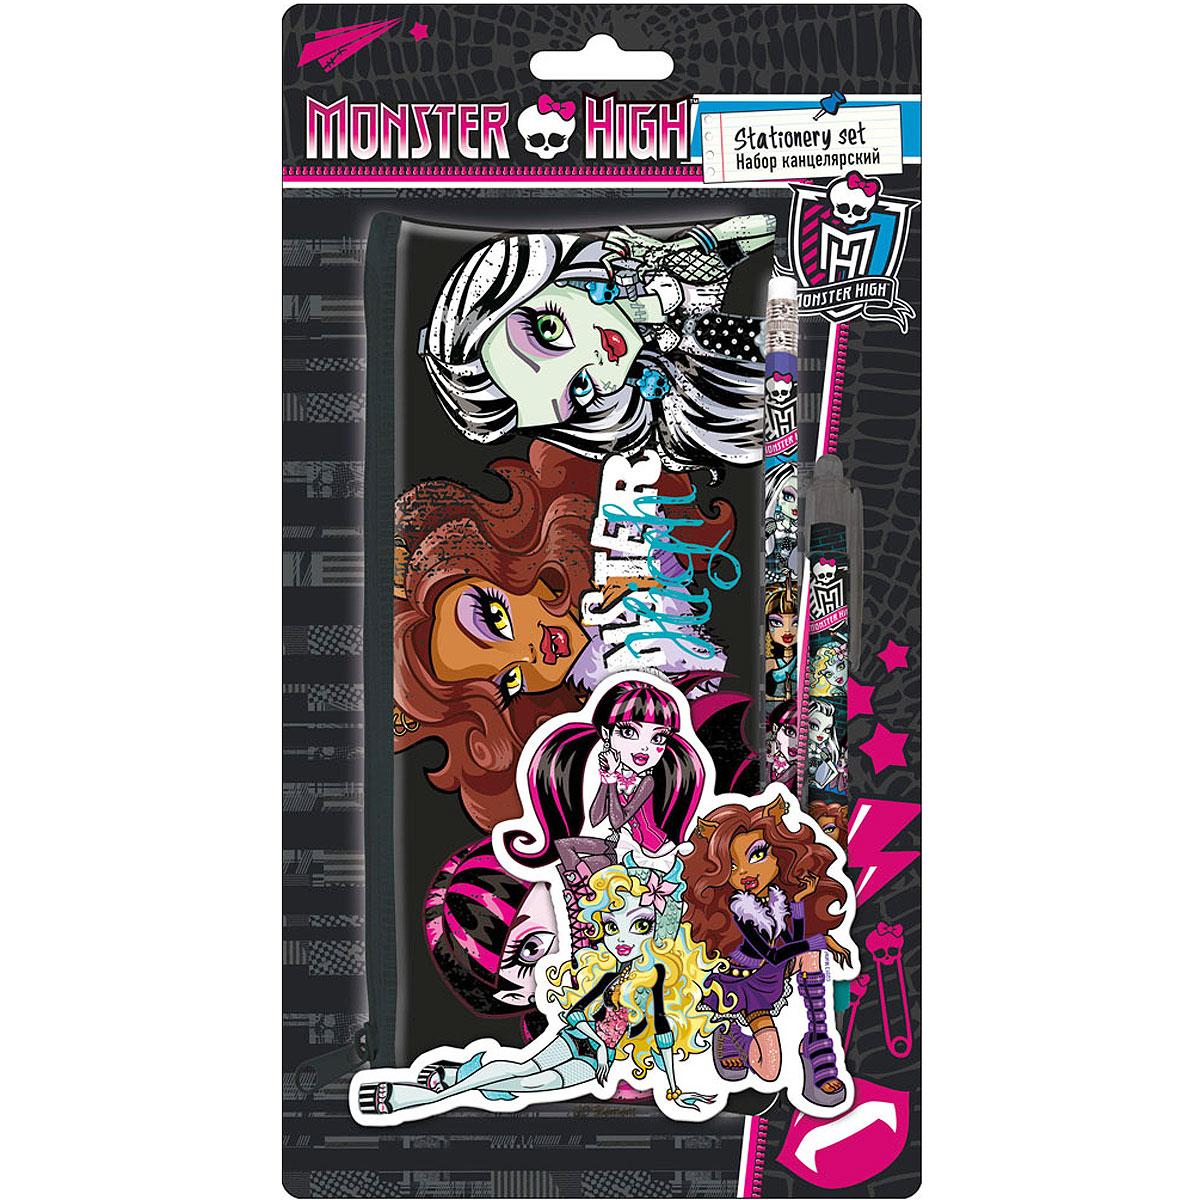 Канцелярский набор Monster High, 3 предмета72523WDКанцелярский набор Monster High станет незаменимым атрибутом в учебе любого школьника.Он включает в себя прямоугольный пенал, чернографитный карандаш с ластиком и автоматическую ручку. Пенал закрывается на застежку-молнию. Ручка снабжена прорезиненной вставкой в области захвата, подача стержня производится путем нажатия на кнопку в верхней части ручки. Все предметы набора оформлены изображениями персонажей популярного мультсериала Monster High.